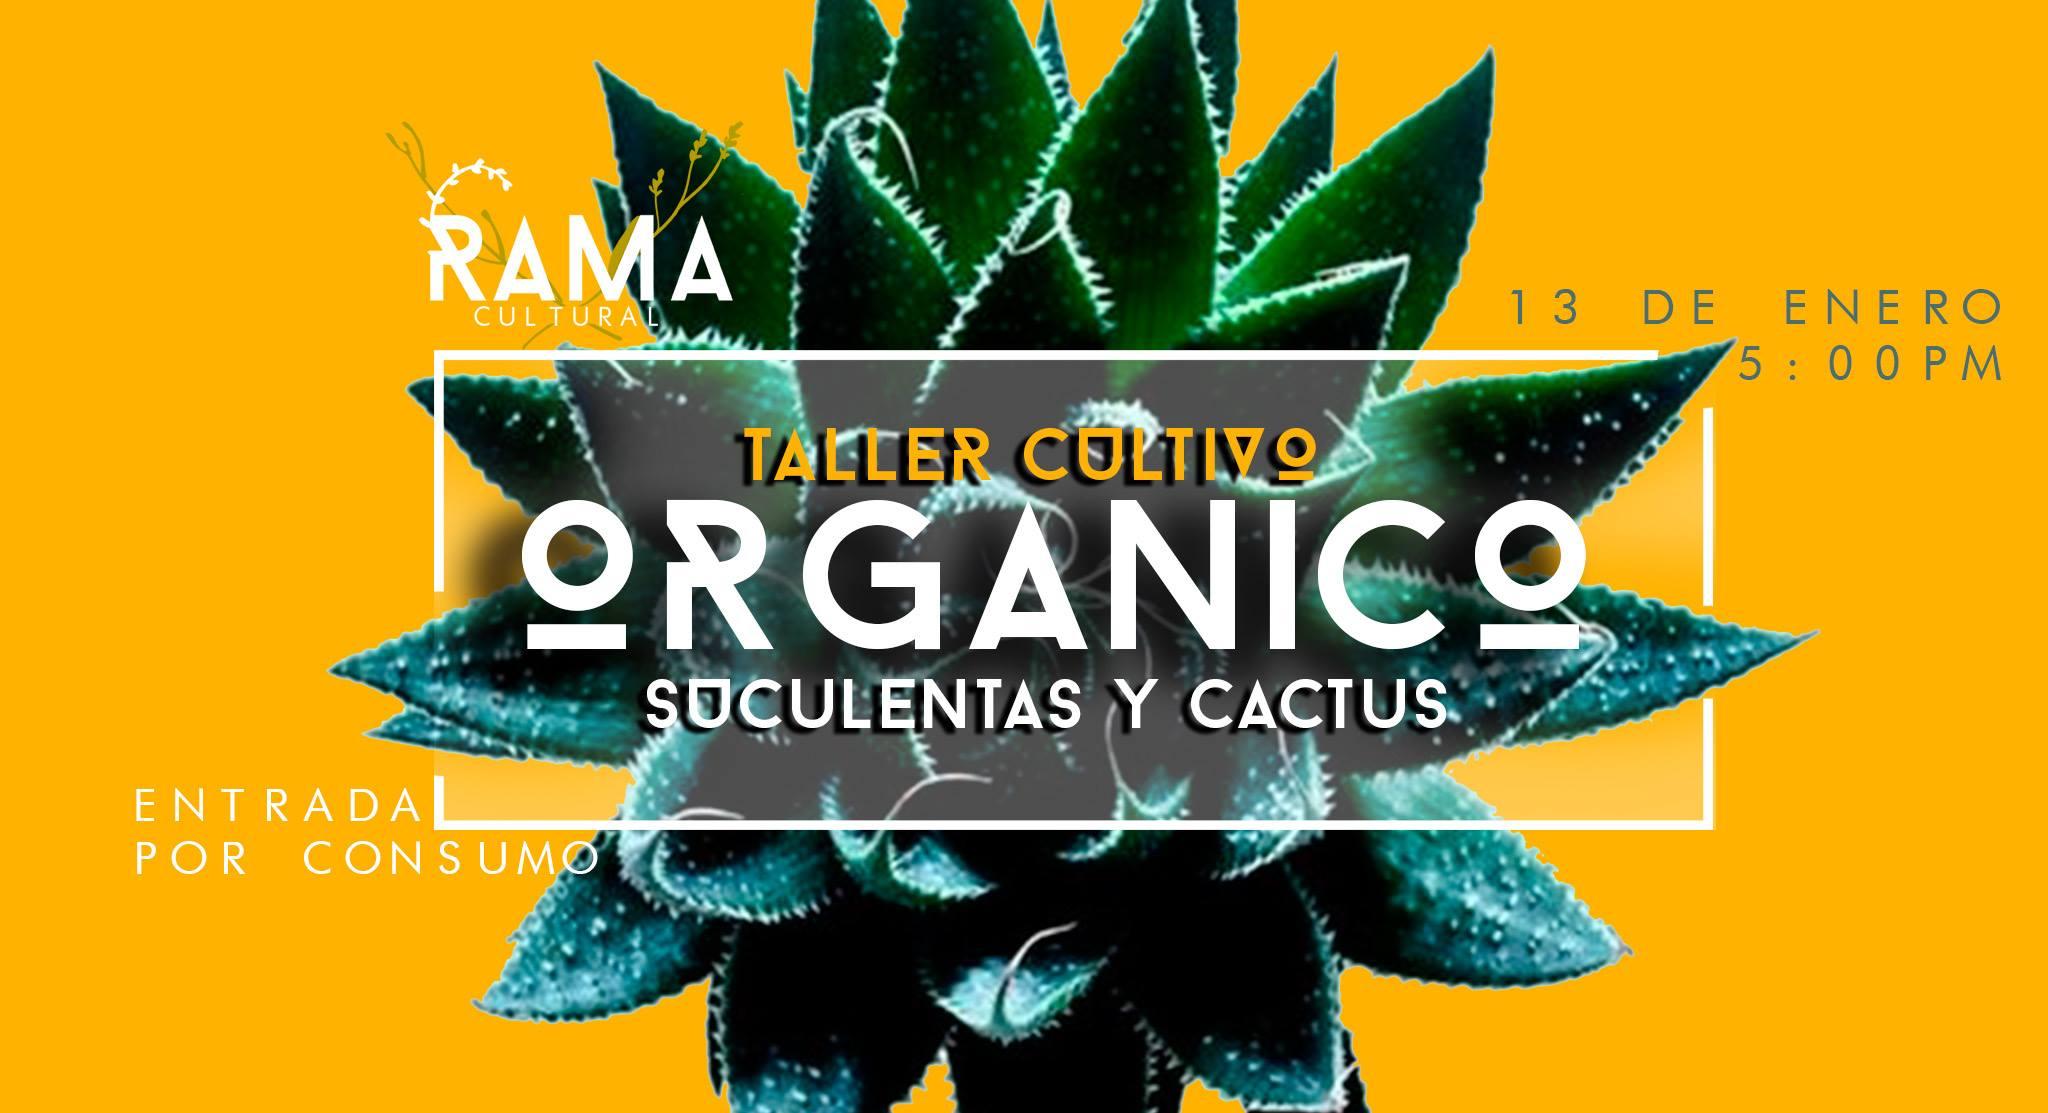 Taller de Suculentas y Cactus